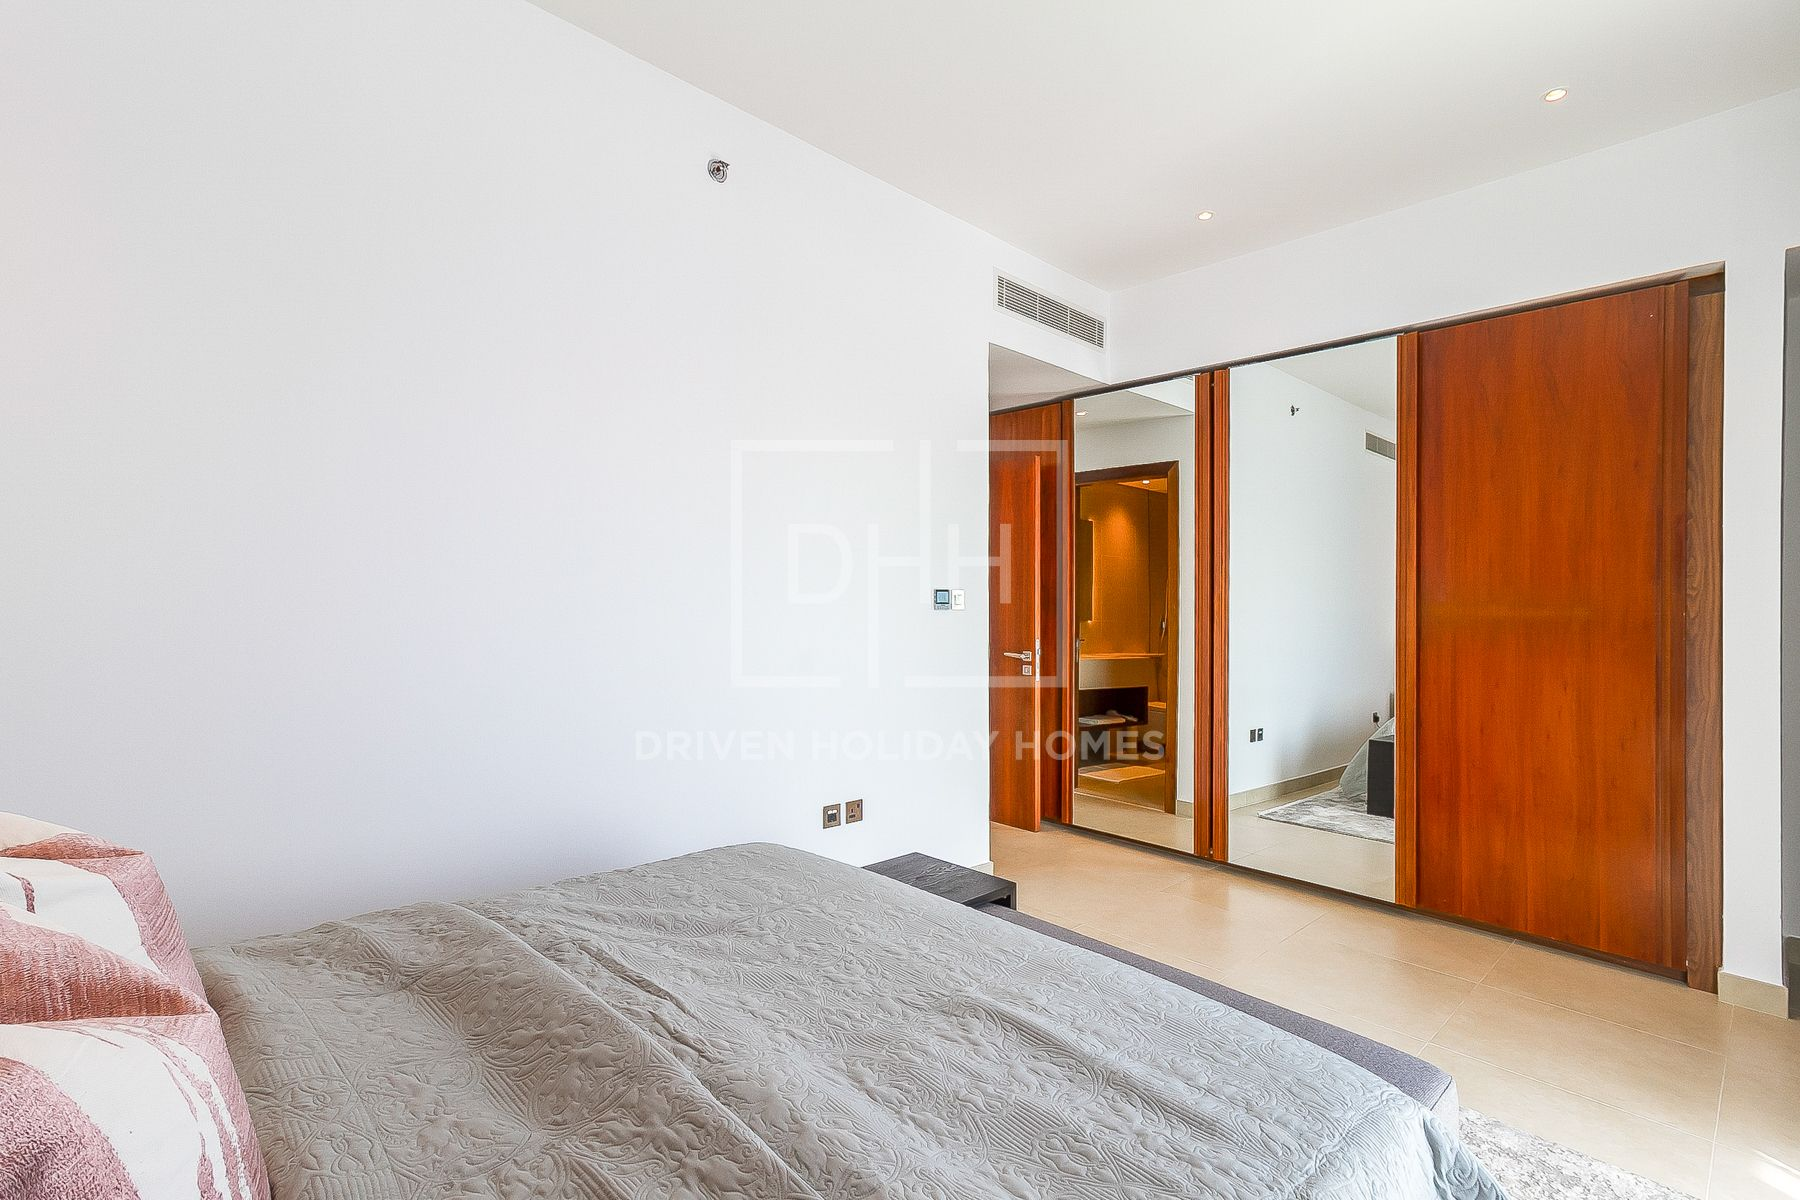 للايجار - شقة - بوابة المارينا 1 - دبي مارينا